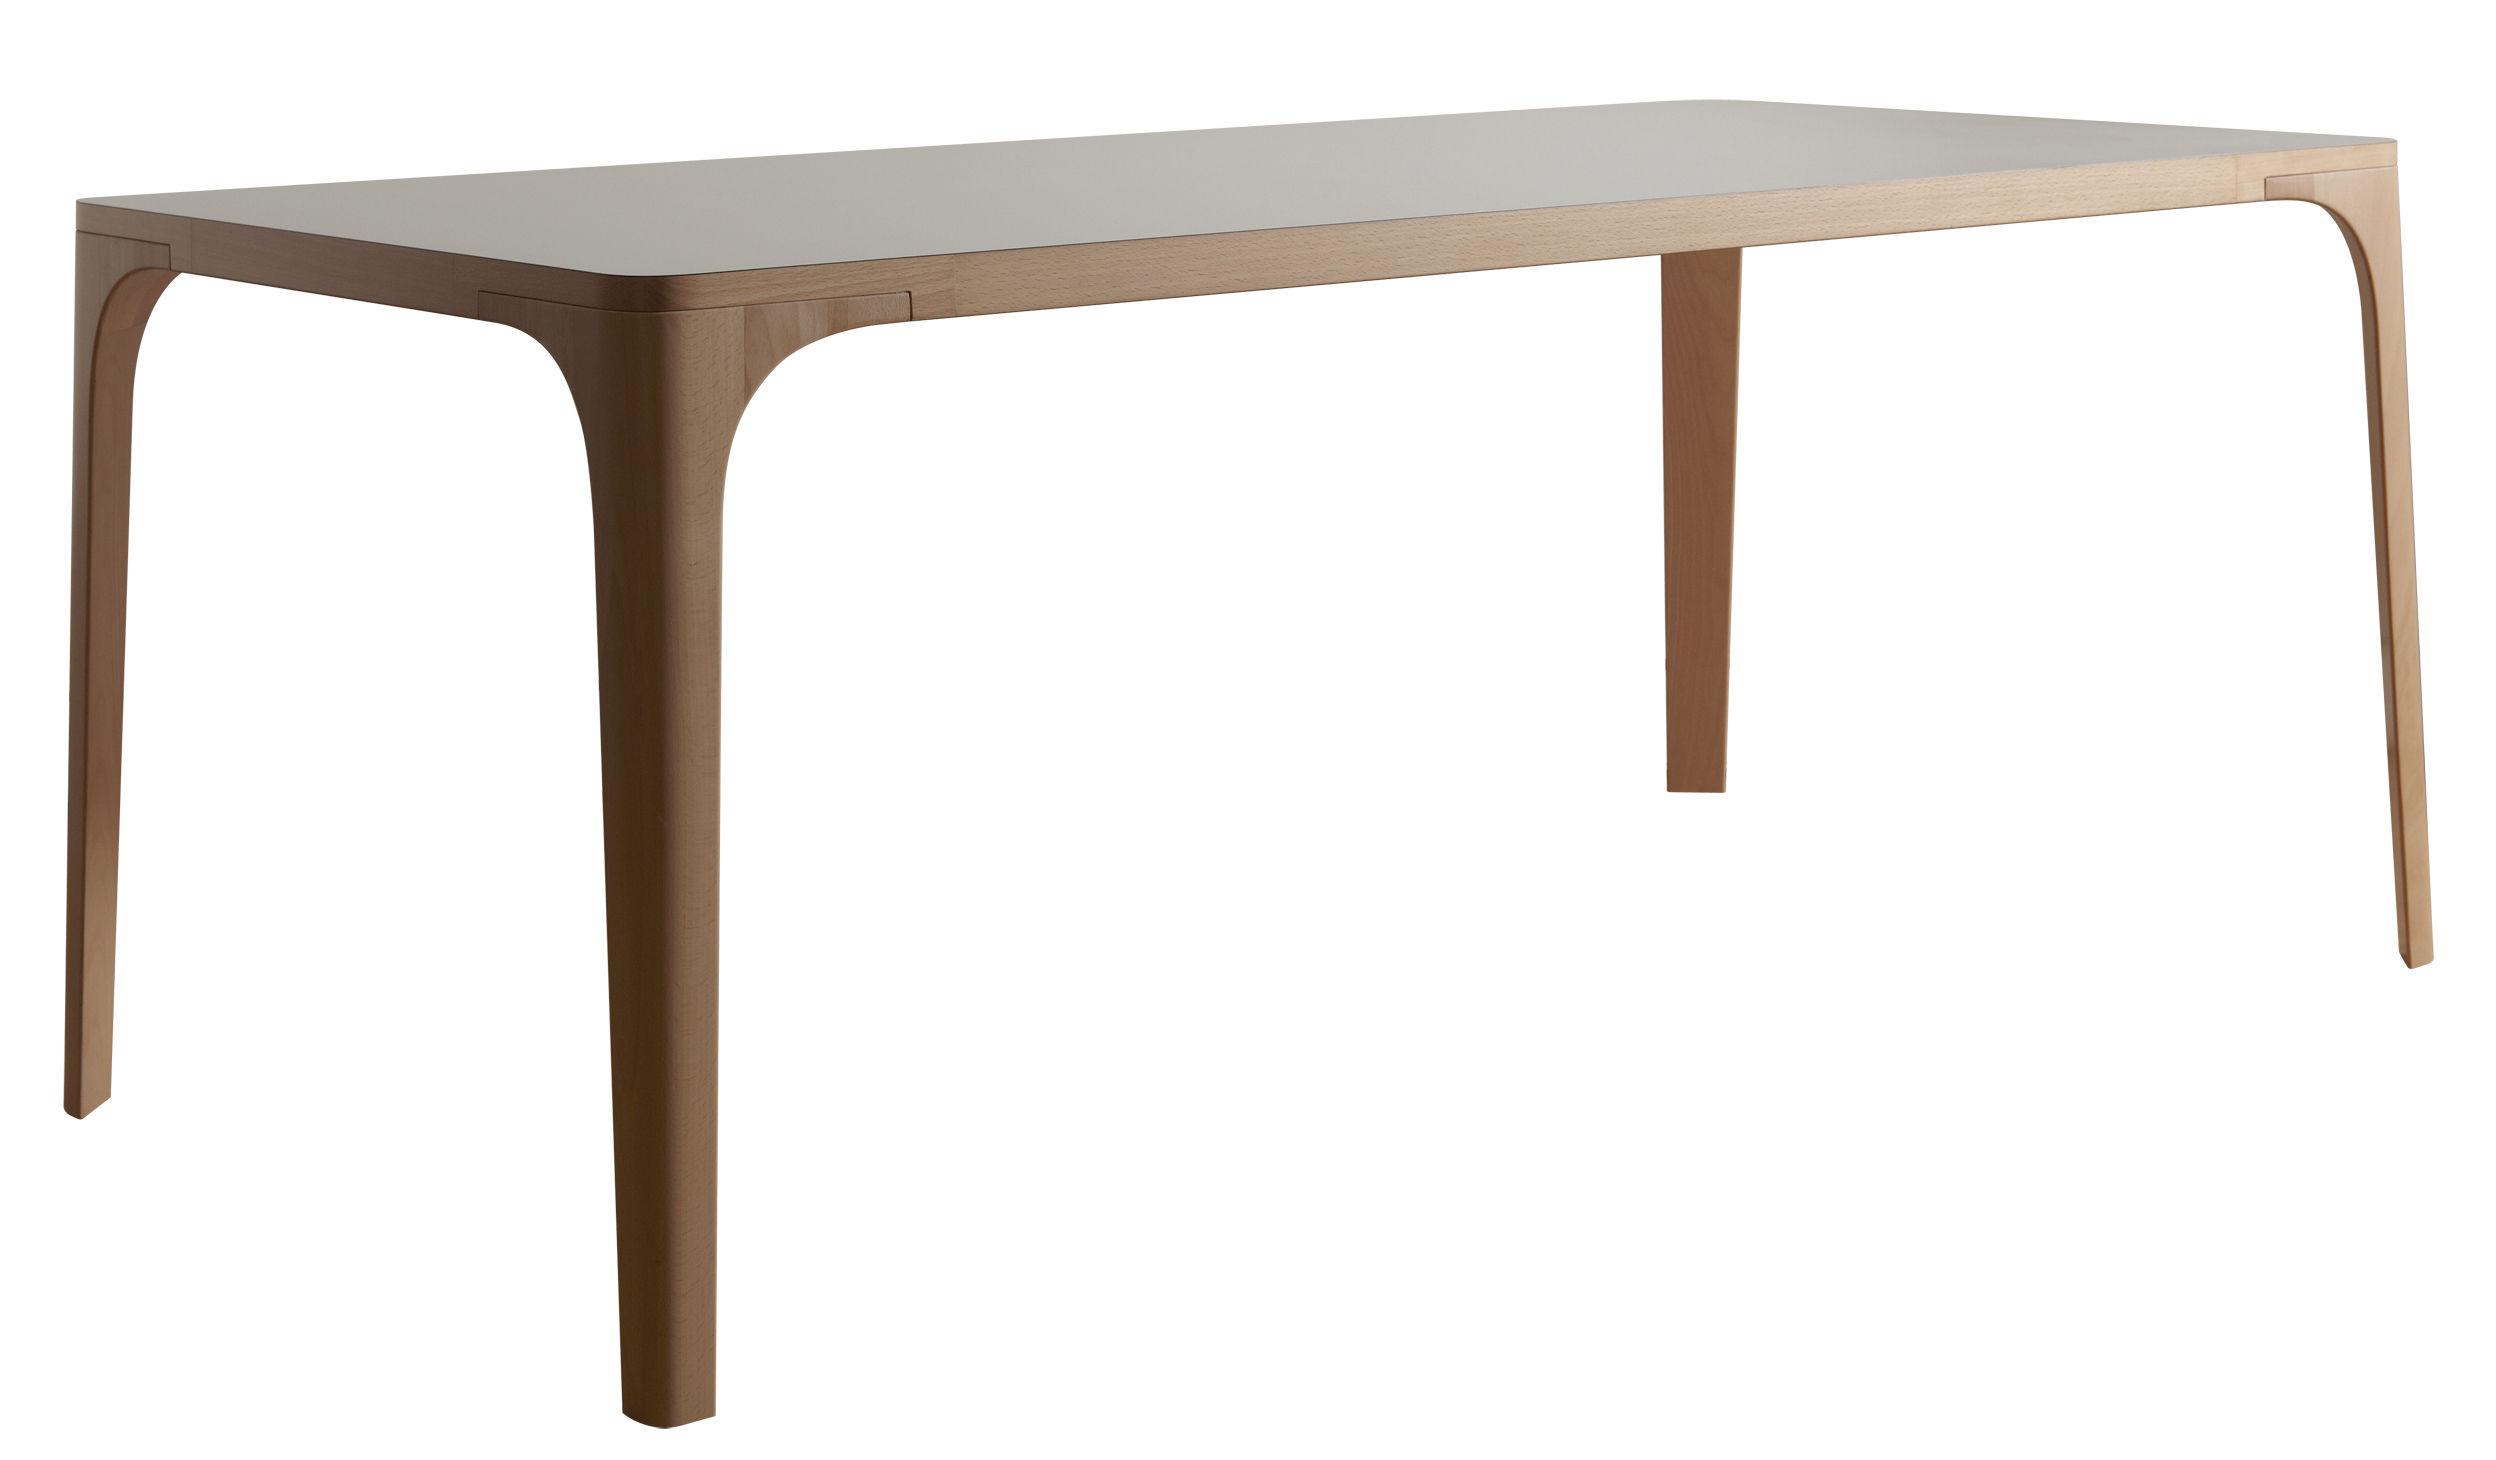 Arredamento - Tavoli - Tavolo rettangolare Arba - / Legno - L 180 cm di Internoitaliano - Bianco / Gambe in faggio - Faggio massello, Stratificato